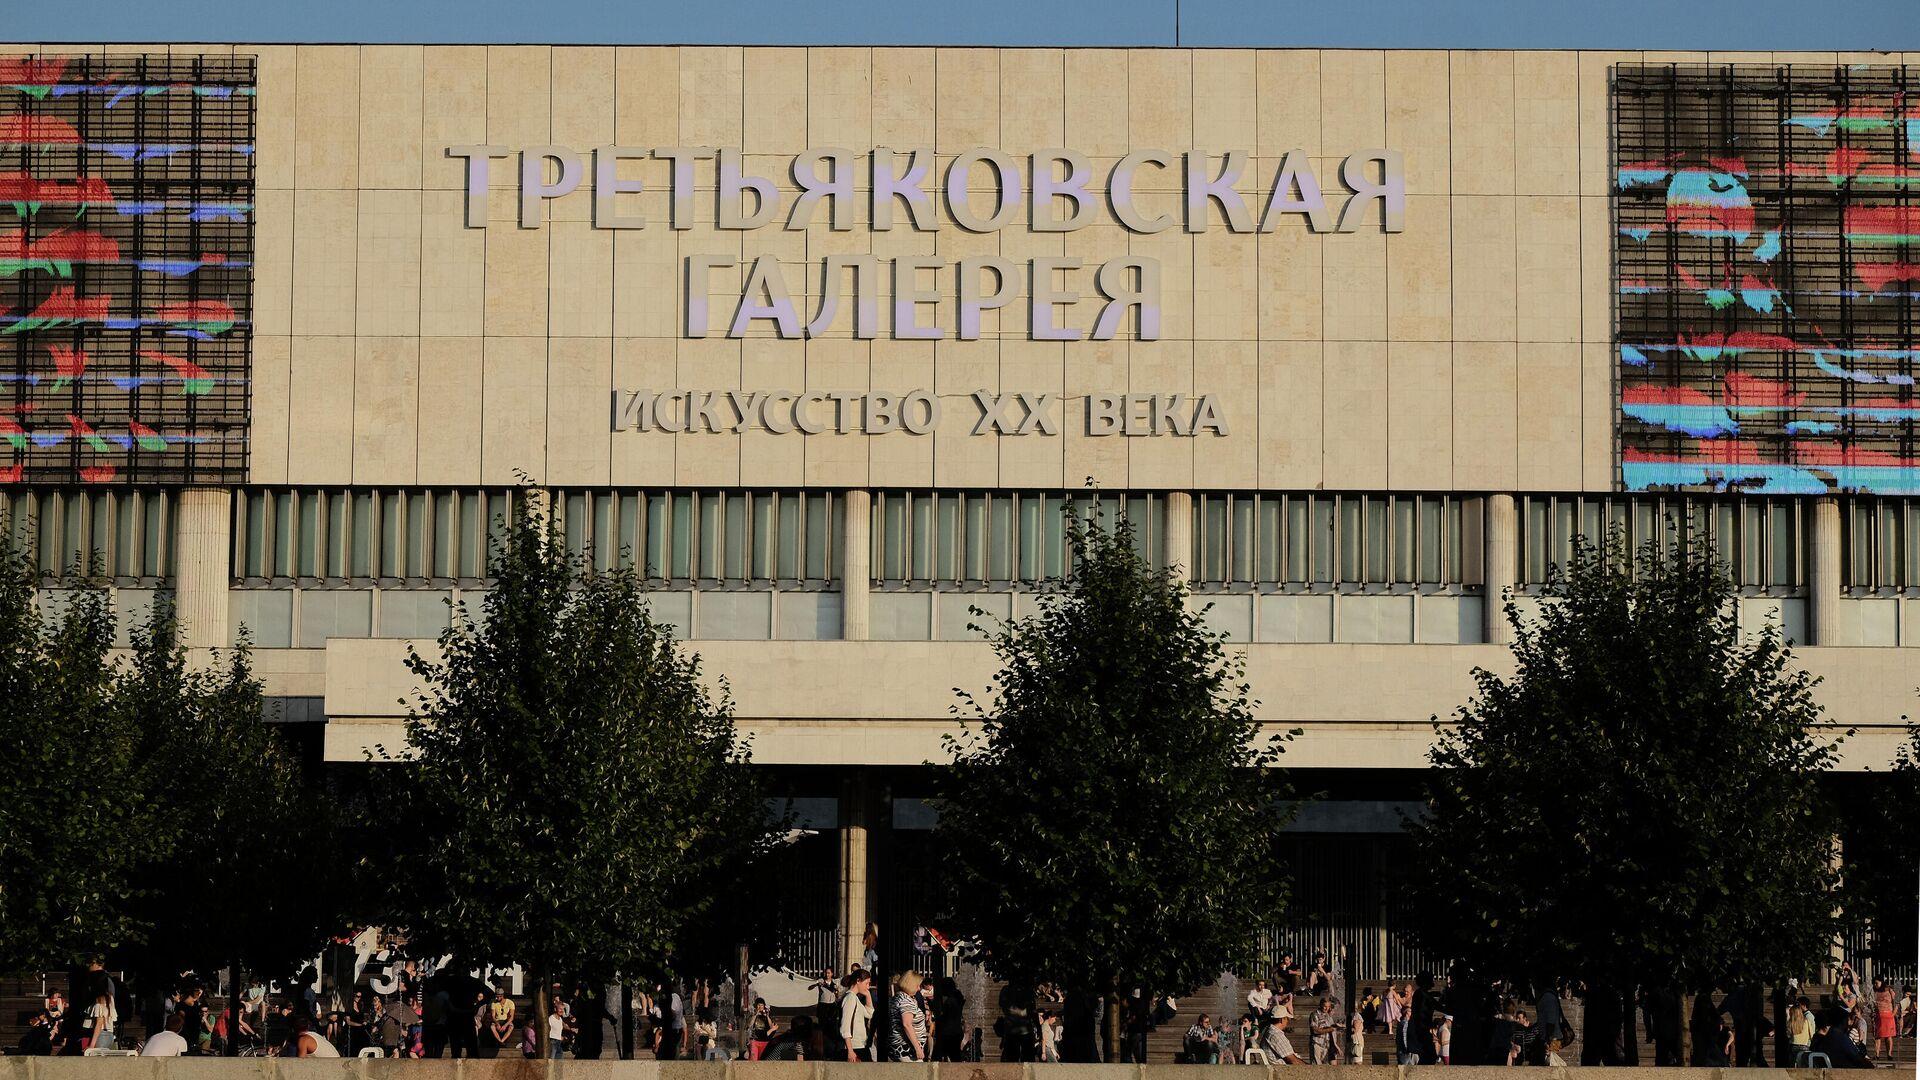 Государственная Третьяковская галерея  - РИА Новости, 1920, 28.04.2021